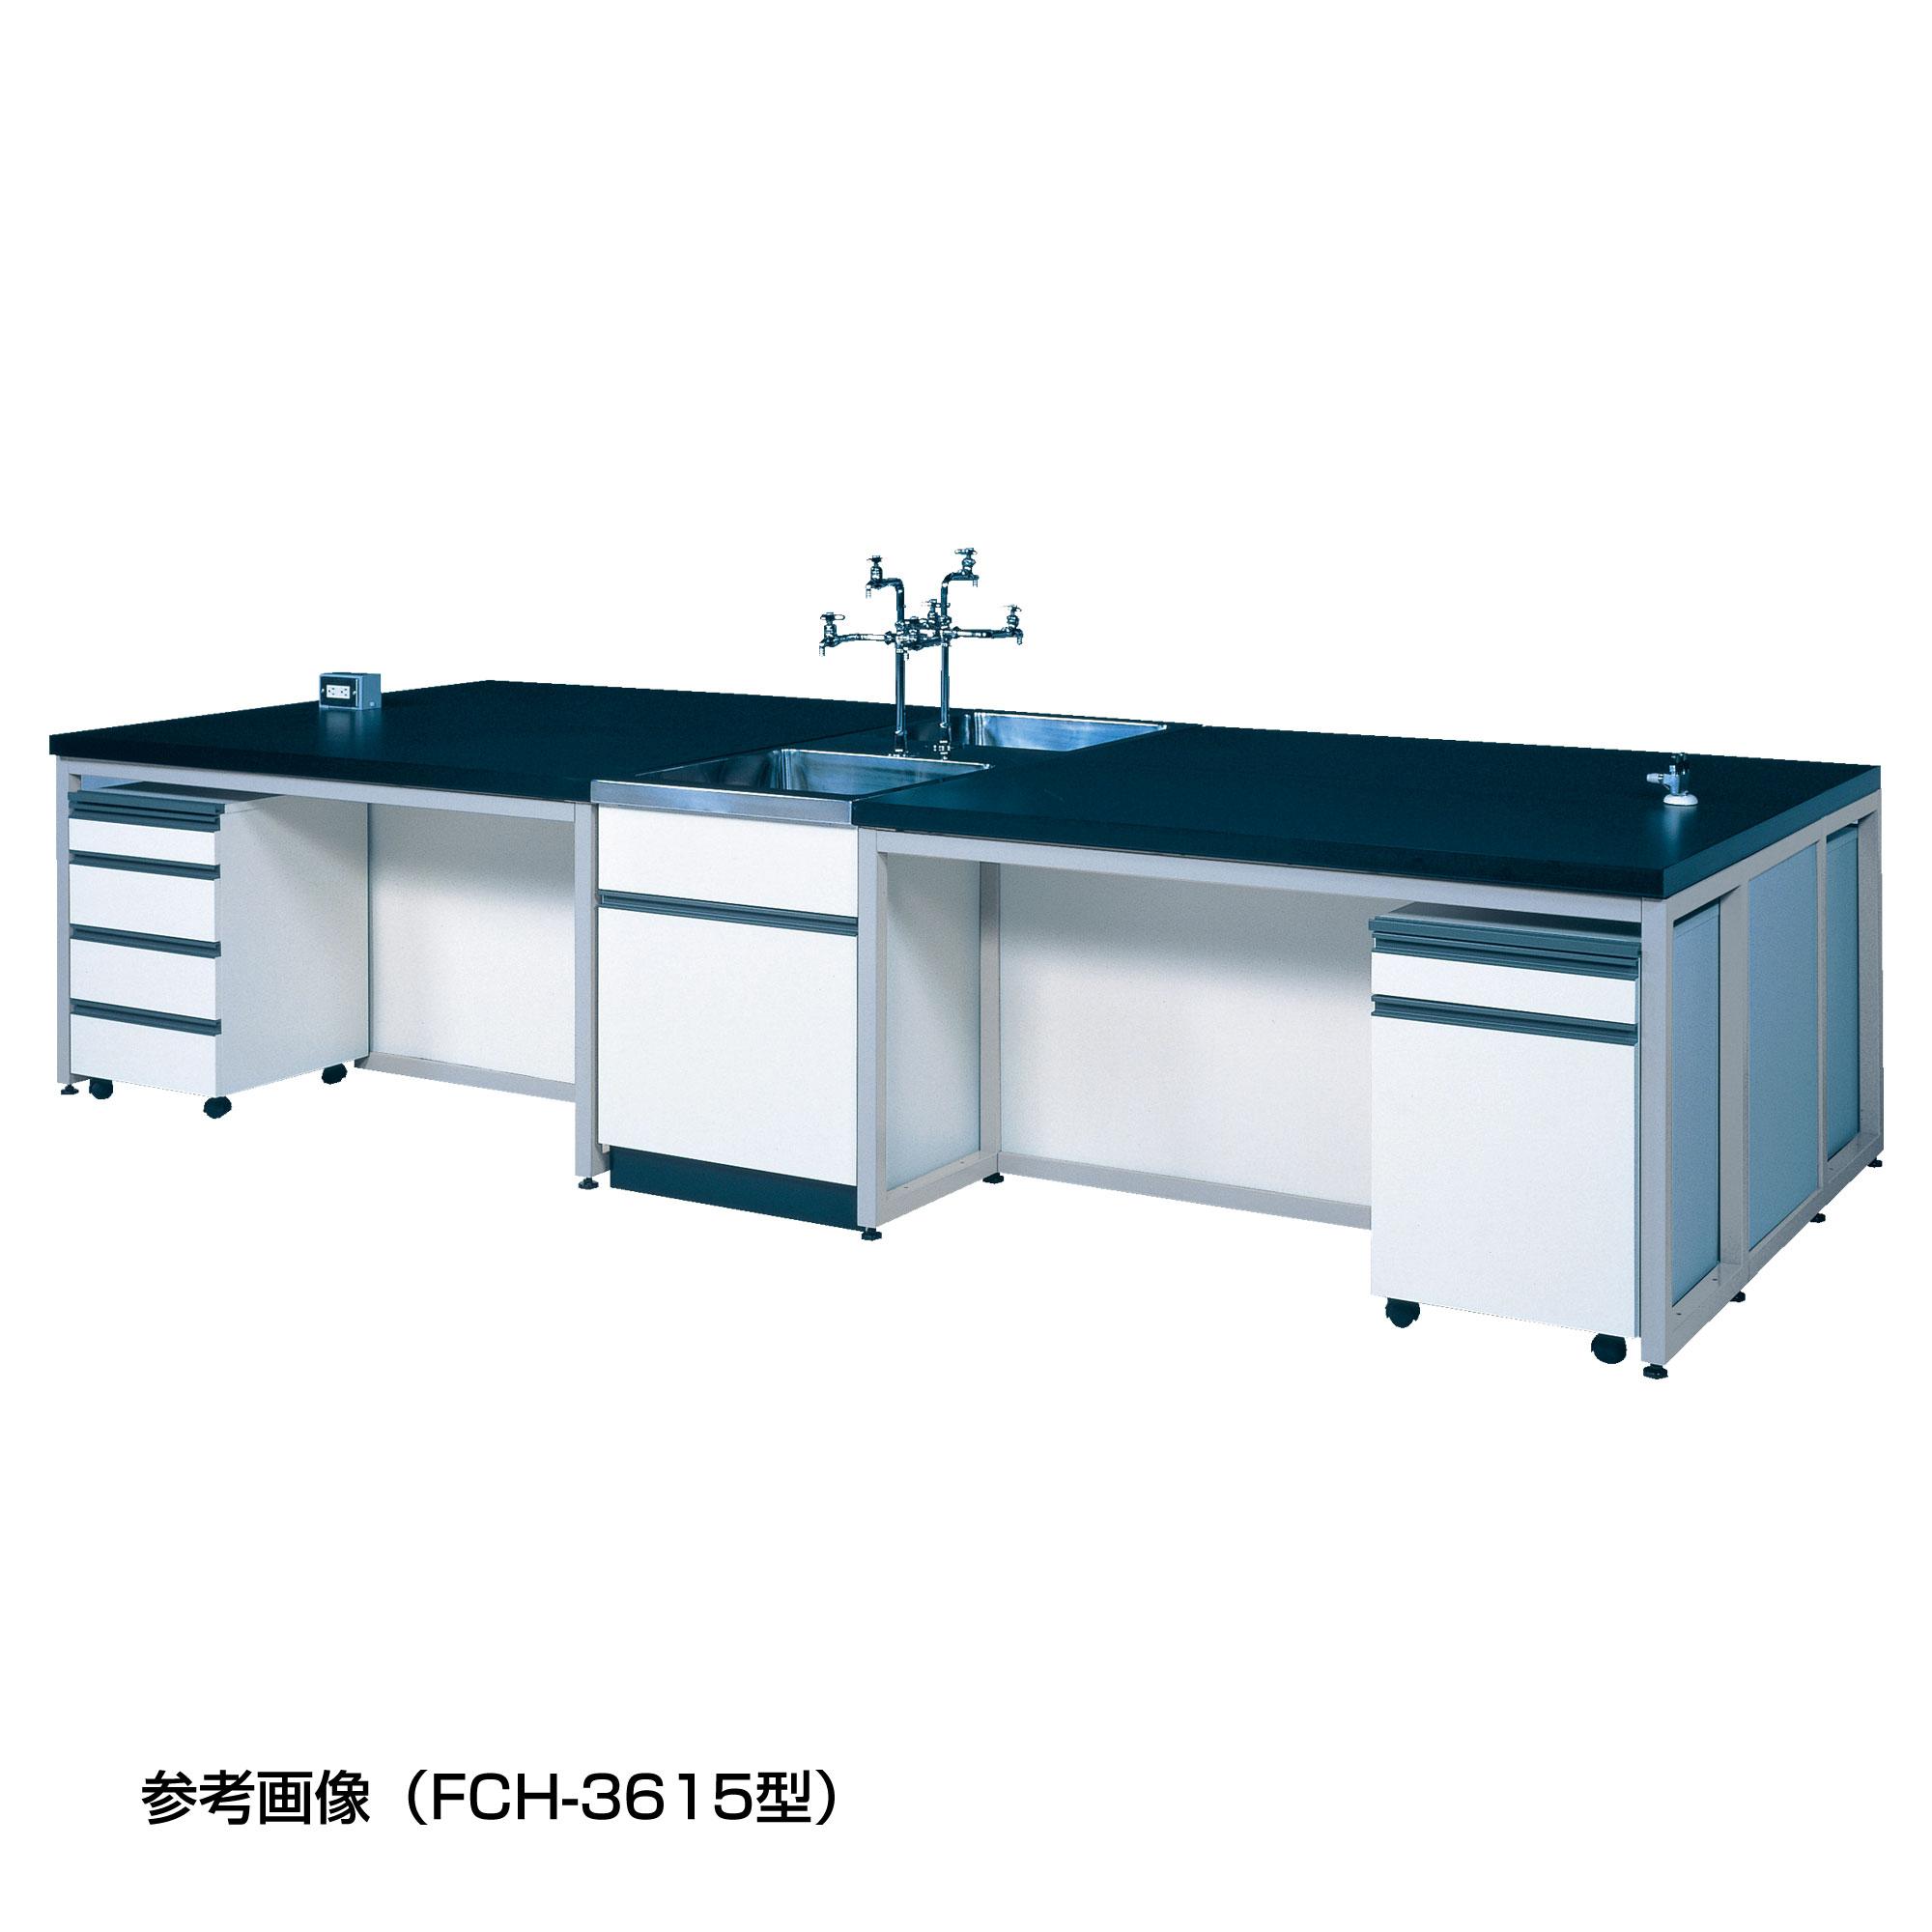 中央実験台 スチールフレーム製(ワゴンユニット中央流し台付) FCHシリーズ